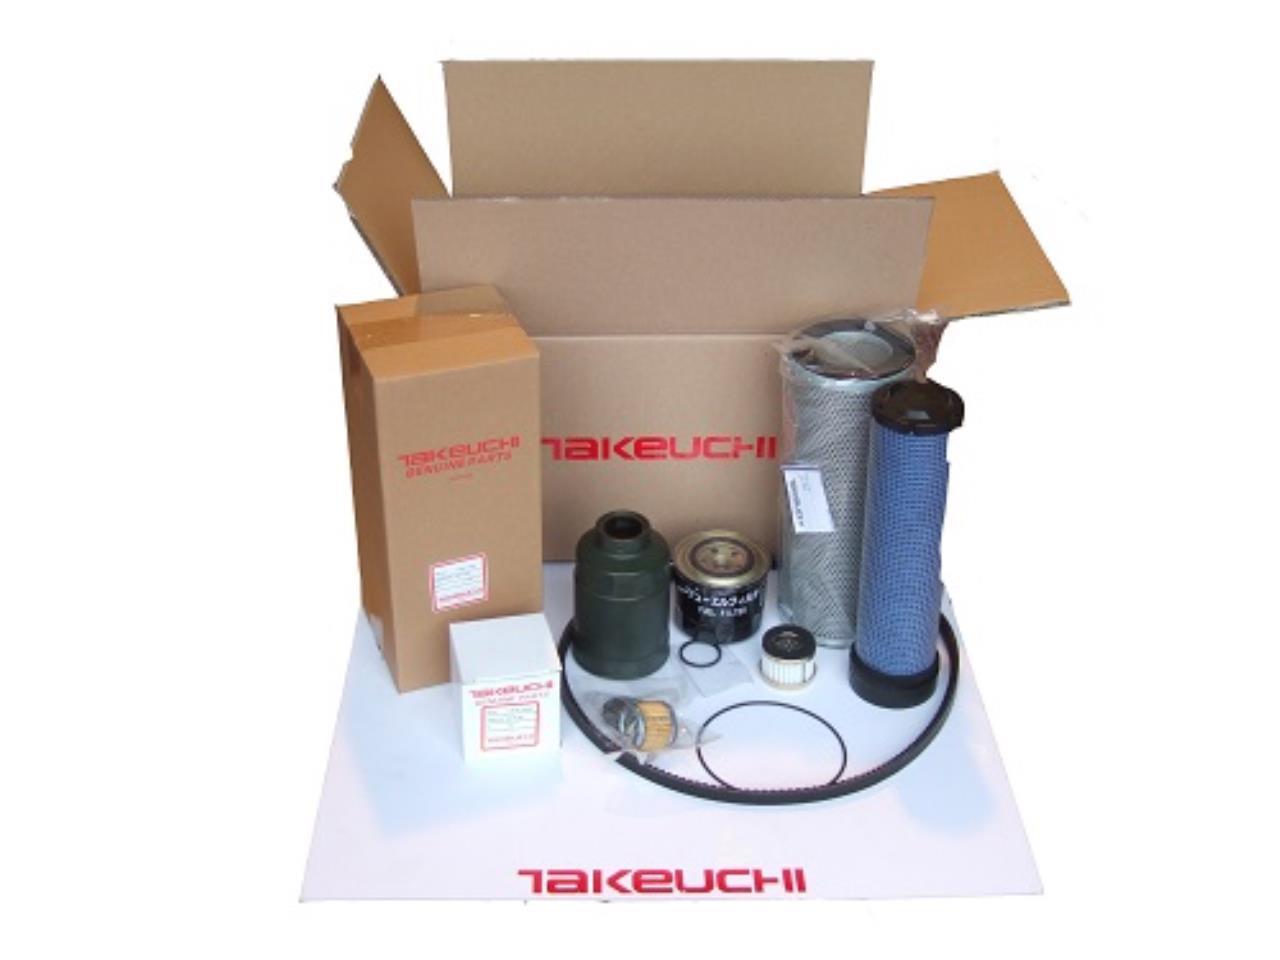 Takeuchi TB260 filtersæt fra s/n: 126000002